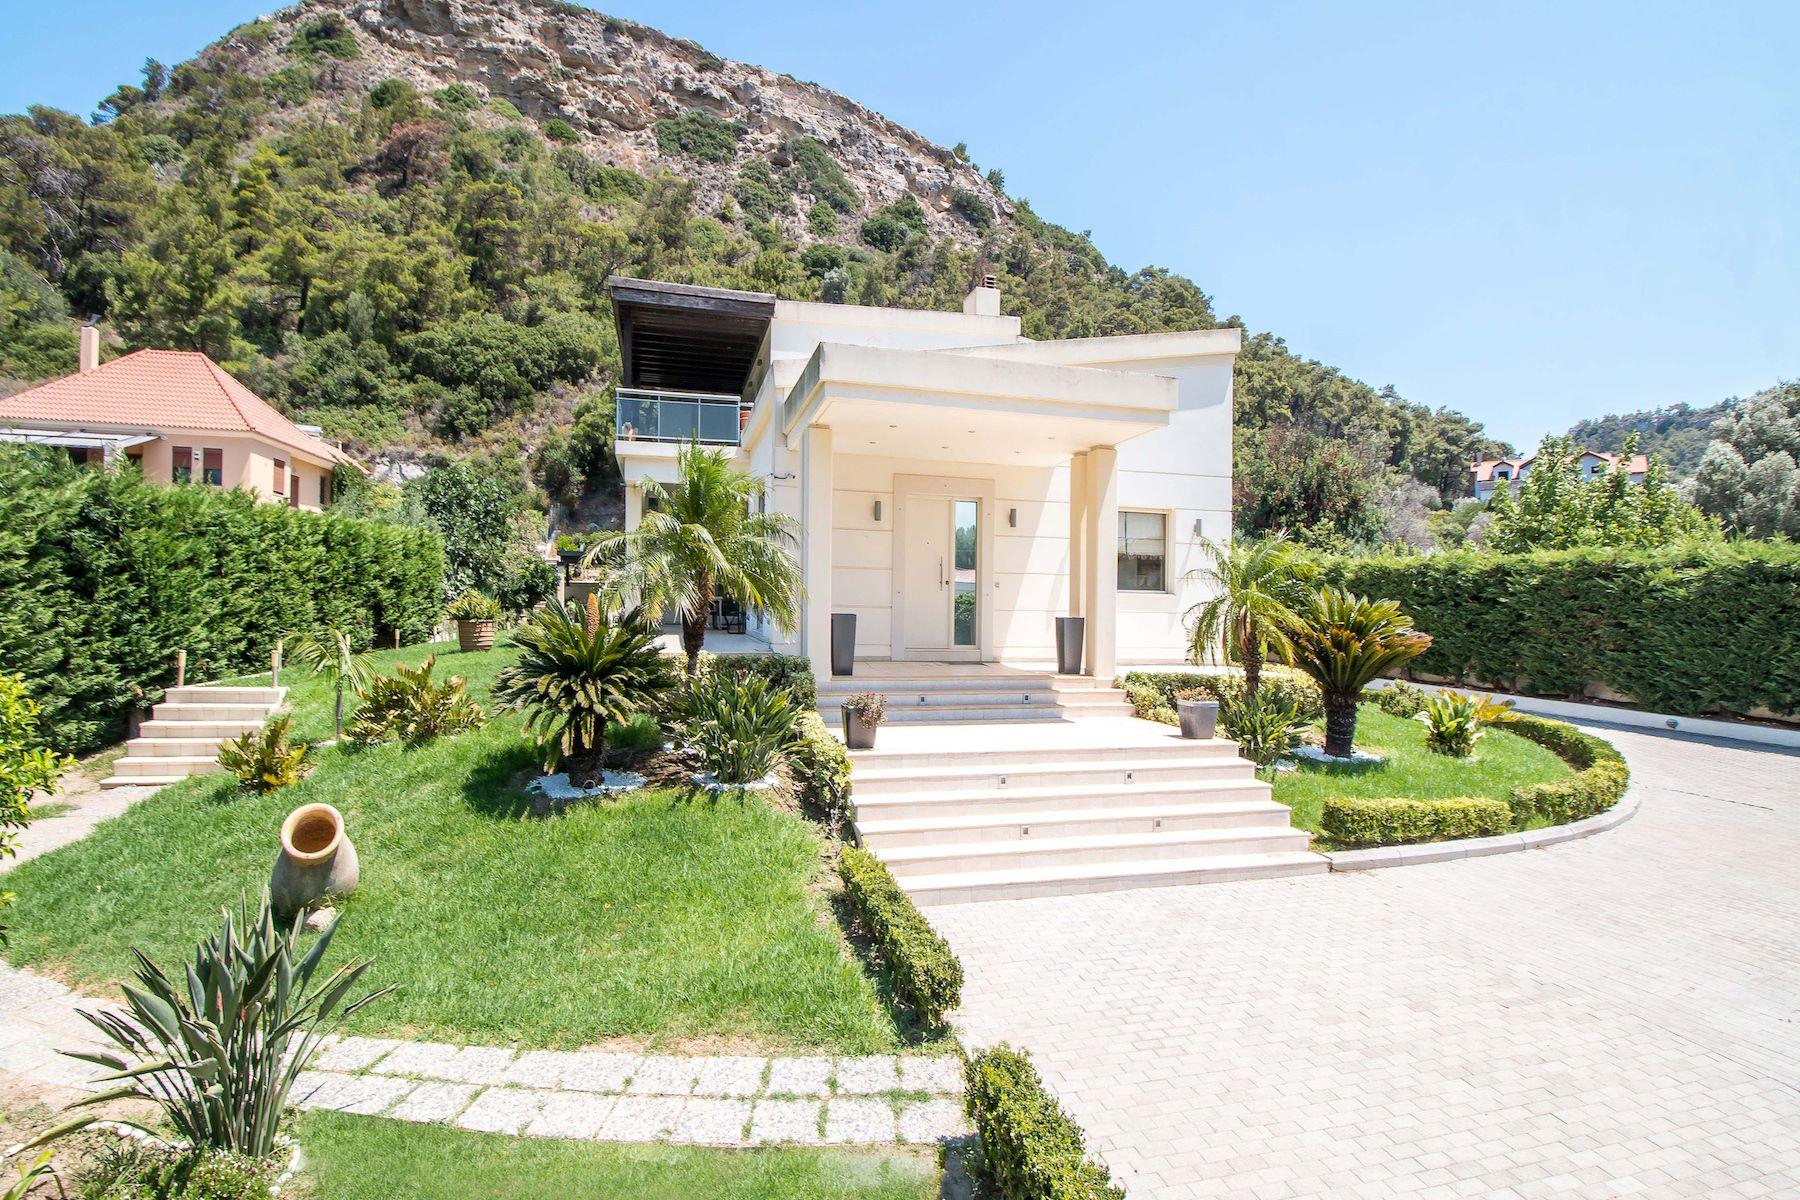 一戸建て のために 売買 アット City Elegance Rhodes, 南エーゲ, ギリシャ